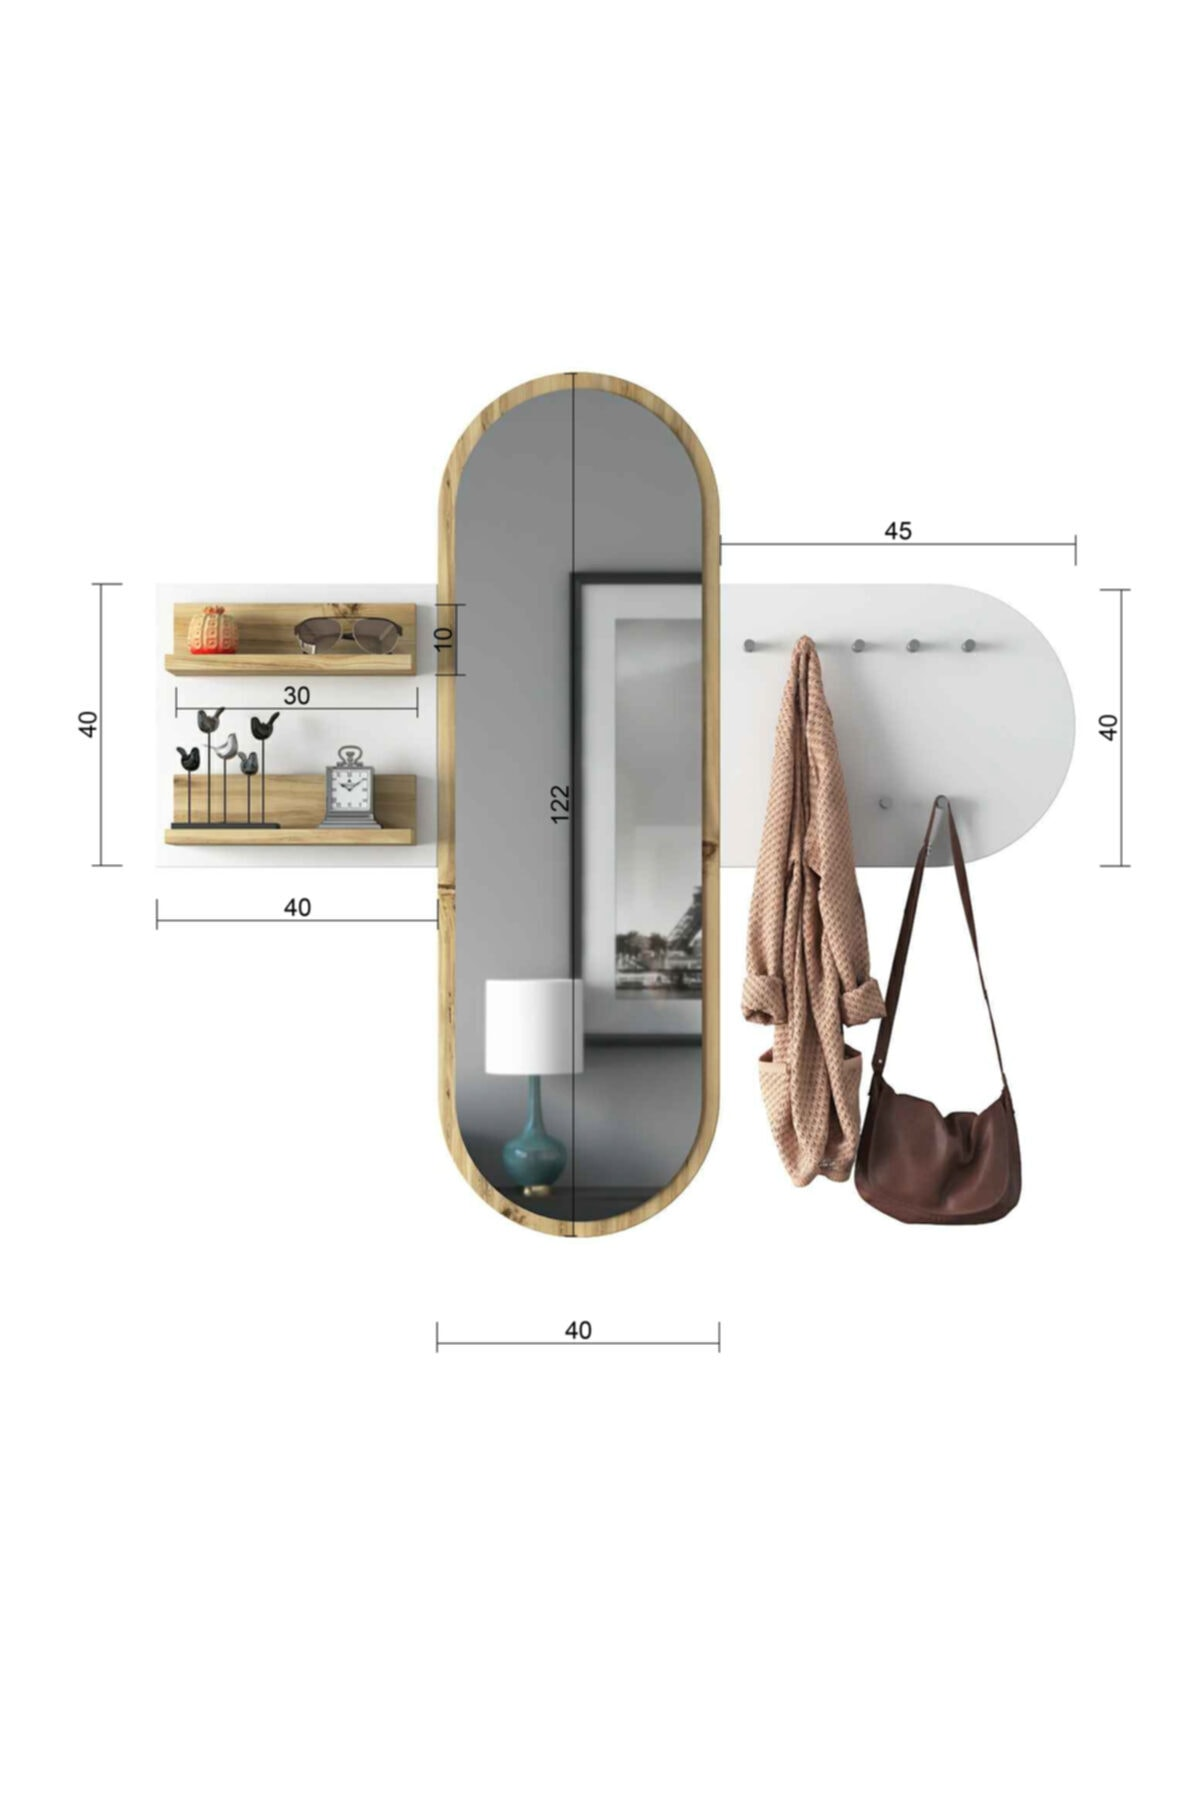 Rani Mobilya Rani P3 Aynalı Duvar Askısı Boy Aynası Keçe Ceviz Beyaz Vestiyer 2